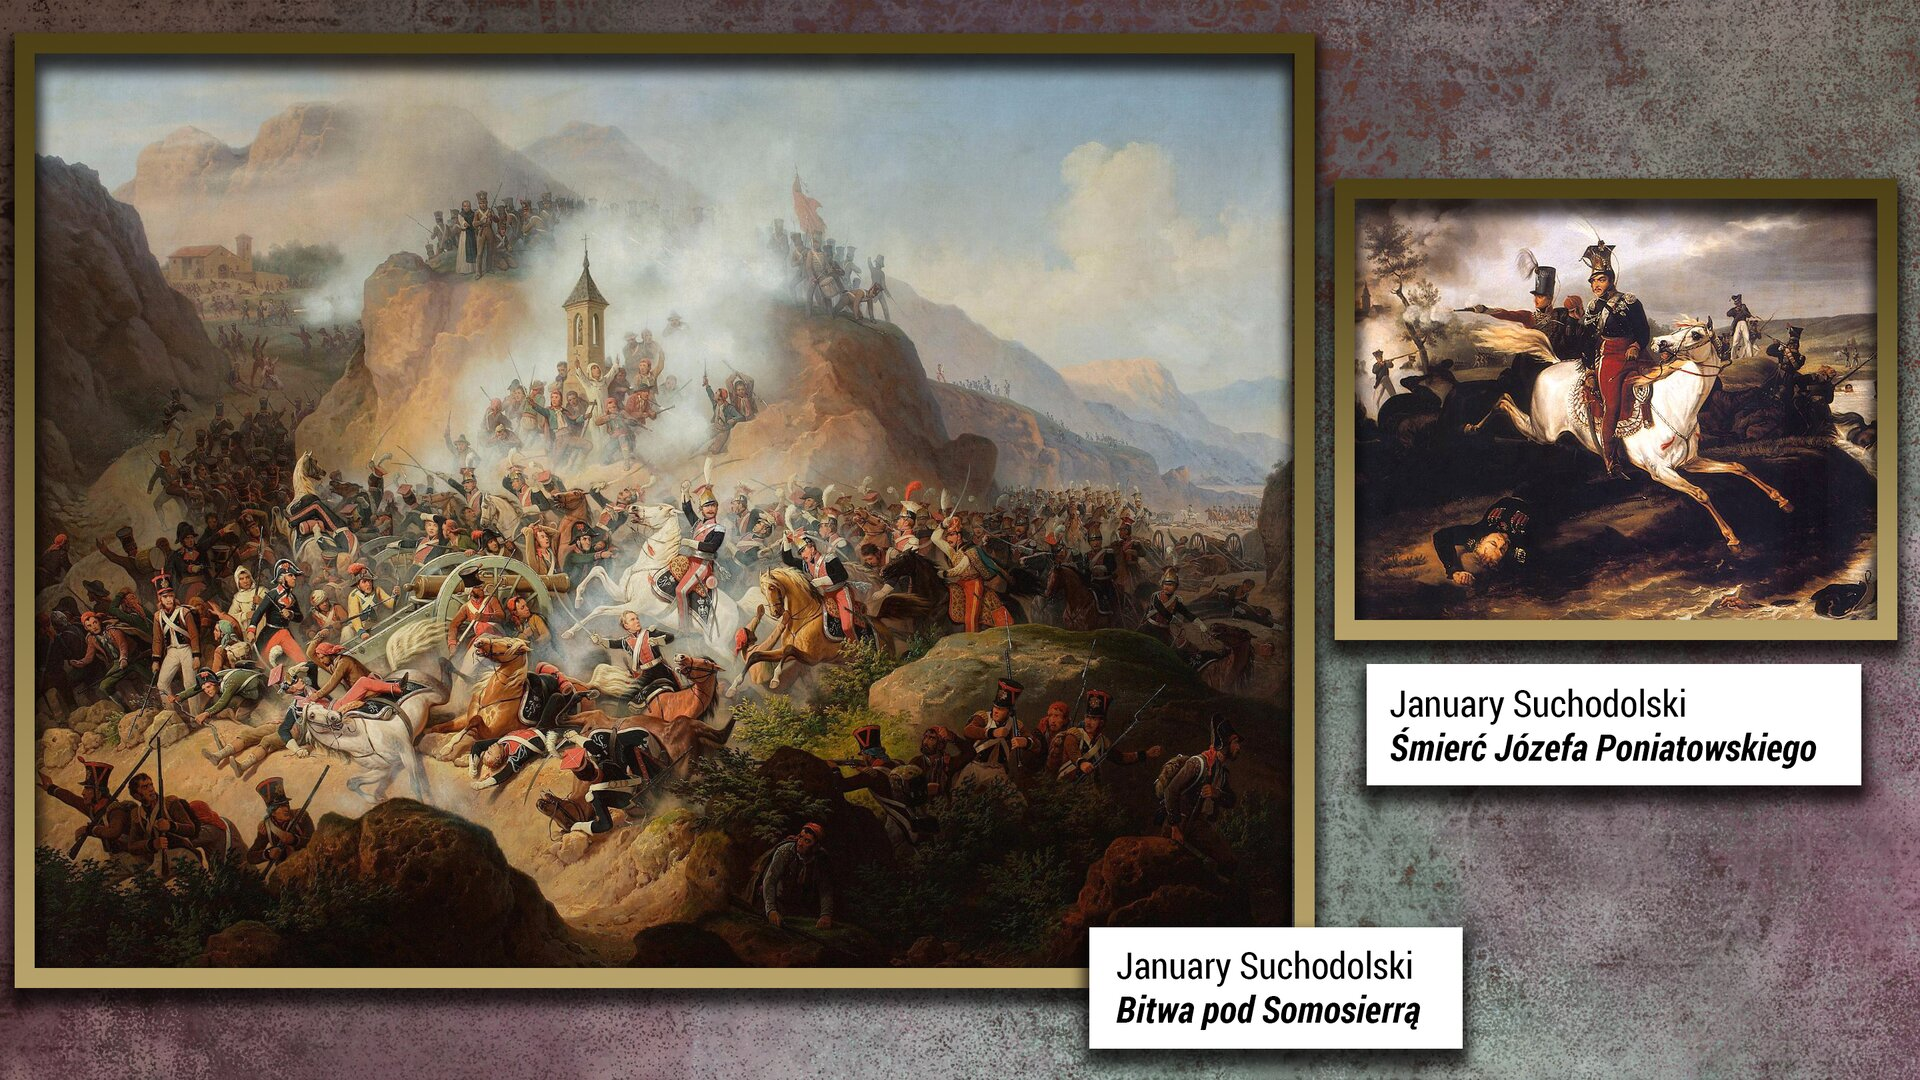 """Ilustracja przedstawia dwa obrazy. Pierwszy obraz po lewej to dzieło Januarego Suchodolskiego pod tytułem """"Bitwa pod Somosierrą"""". To ekspresyjna wizja walczących żołnierzy, znajdujących się wśród kłębiącego się kurzu ipędu koni. Wtle obrazu znajdują się góry. Drugi obraz również jest autorstwa Januarego Suchodolskiego inosi tytuł """"Śmierć Józefa Poniatowskiego"""". Obraz ilustruje walkę żołnierzy przeprawiających się na koniach przez rzekę. Pierwszy plan tego obrazu to żołnierz na białym koniu znajdujący się wśród kurzu ikłębów dymu. Na dole obrazu leży martwy Książę Józef Poniatowski."""